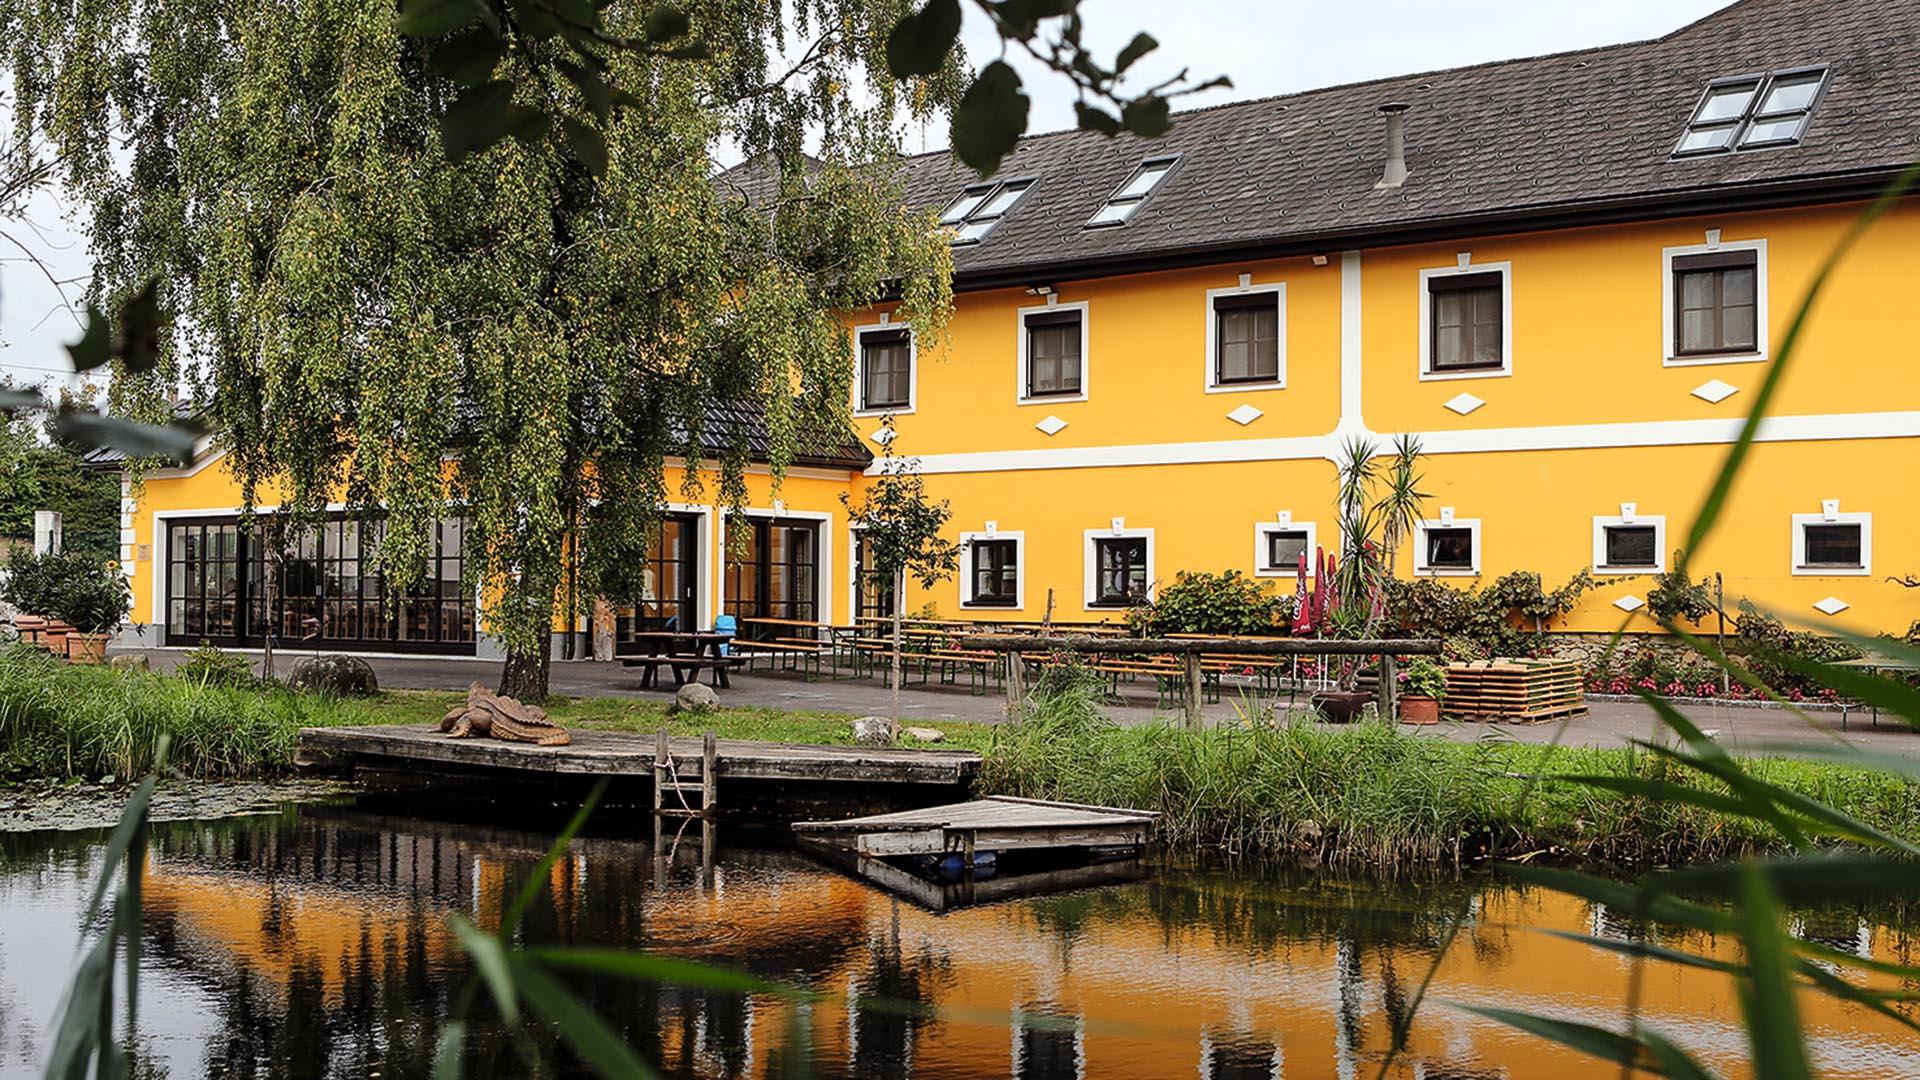 Perbersdorfer Heuriger - Hotel